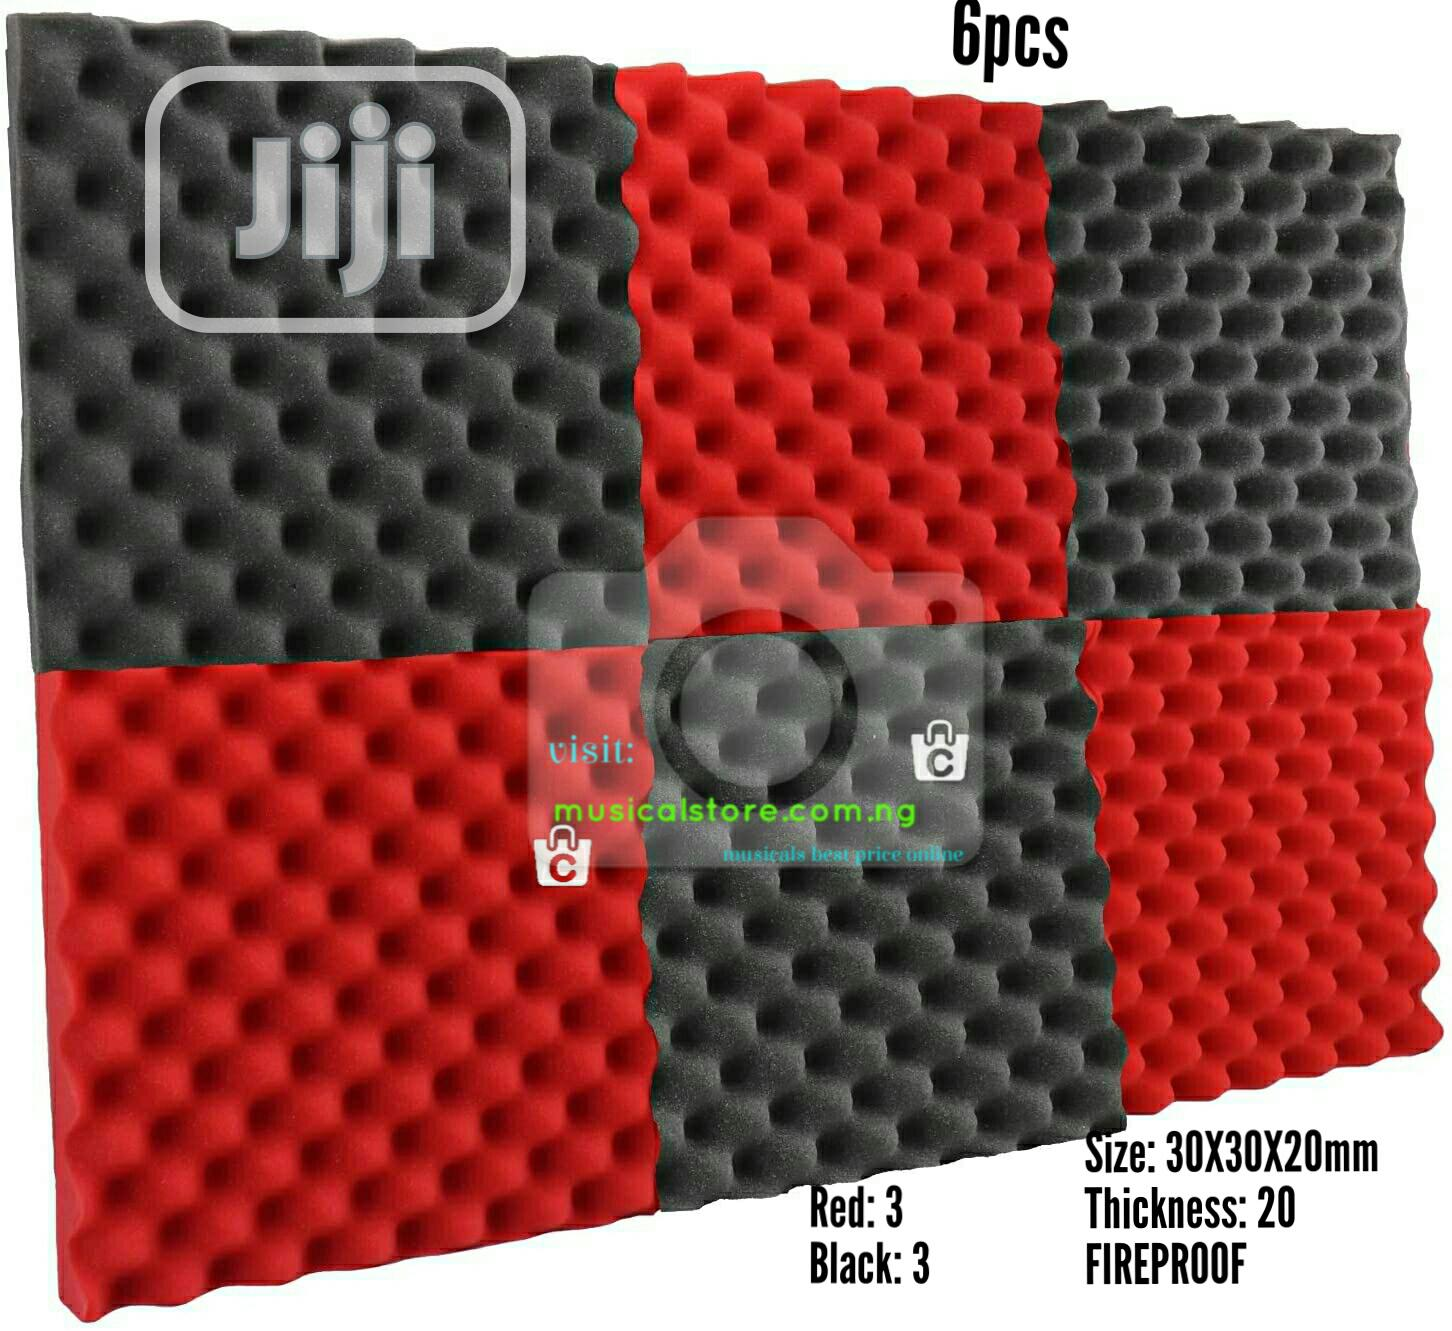 Acoustic Foam. Soundproofing 6pcs